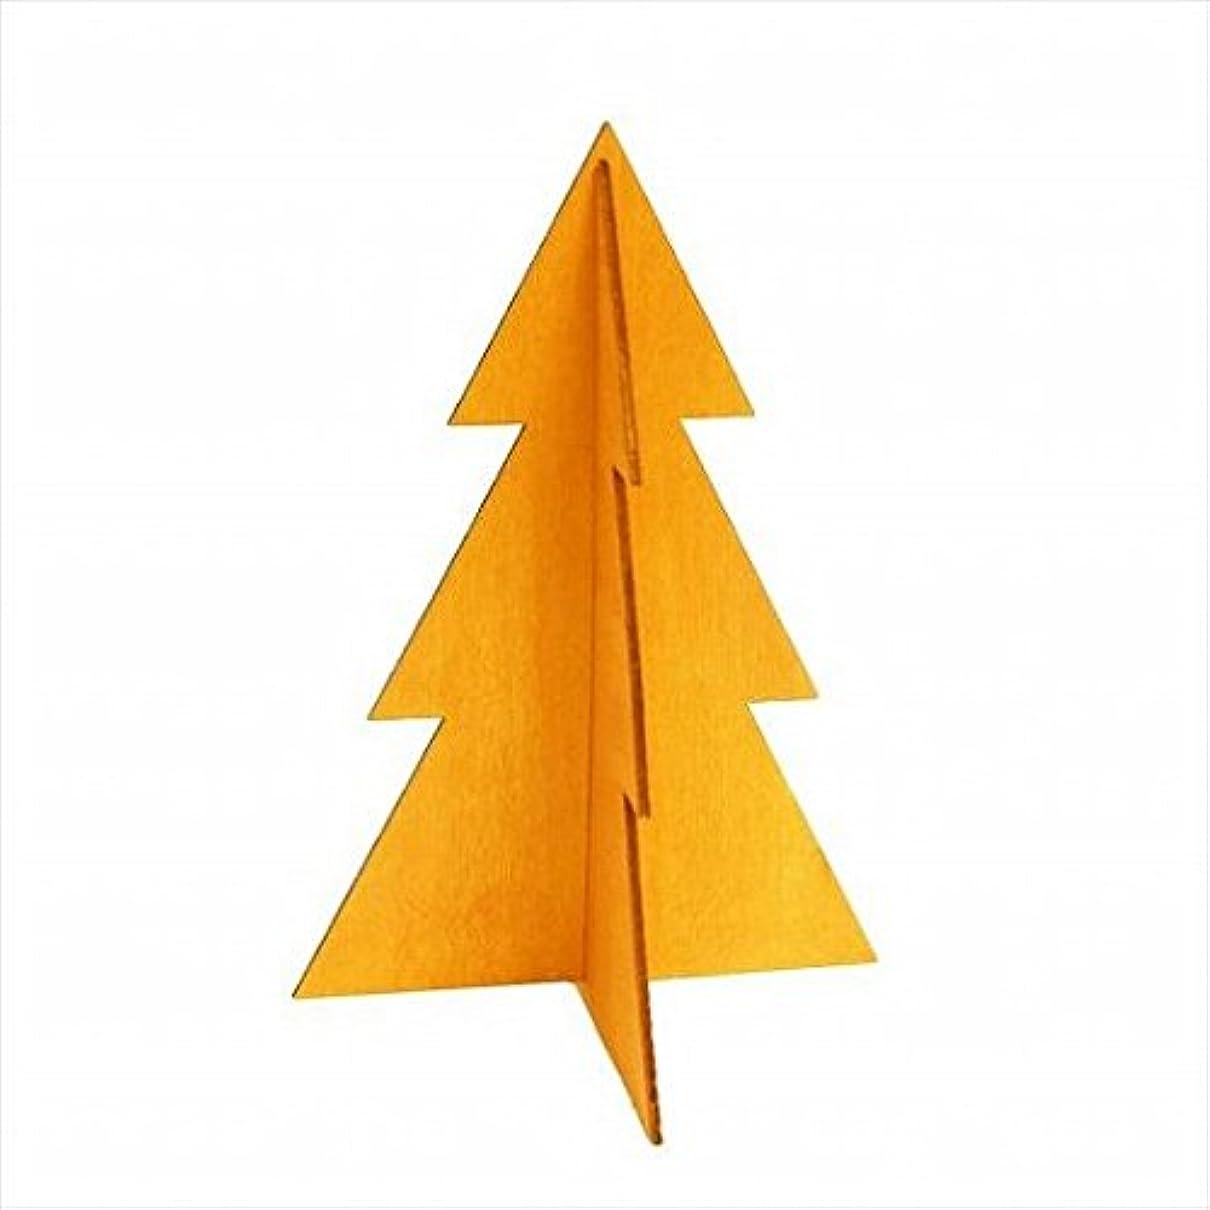 連合なめる夏kameyama candle(カメヤマキャンドル) フェスティブツリーM 「 オレンジ 」 キャンドル 144x144x210mm (I882243009)